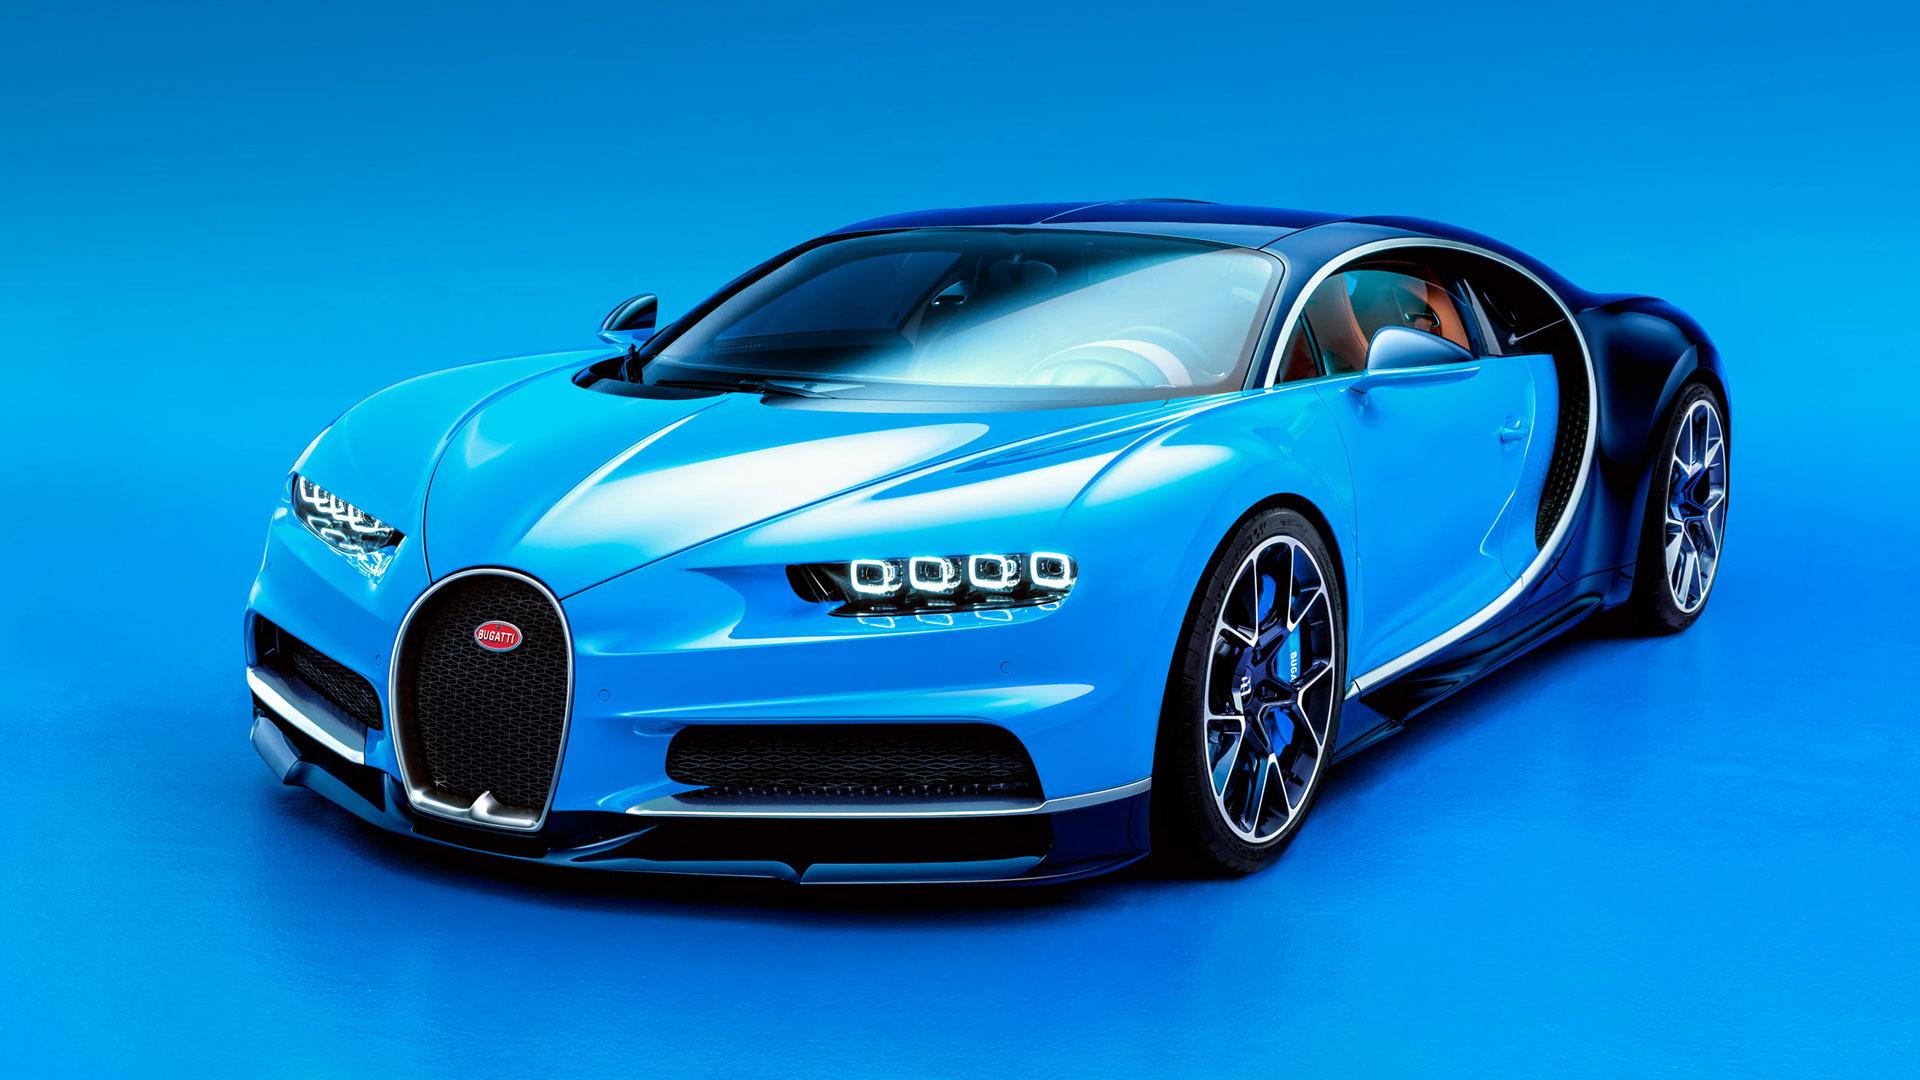 2020 Bugatti Veyron Price